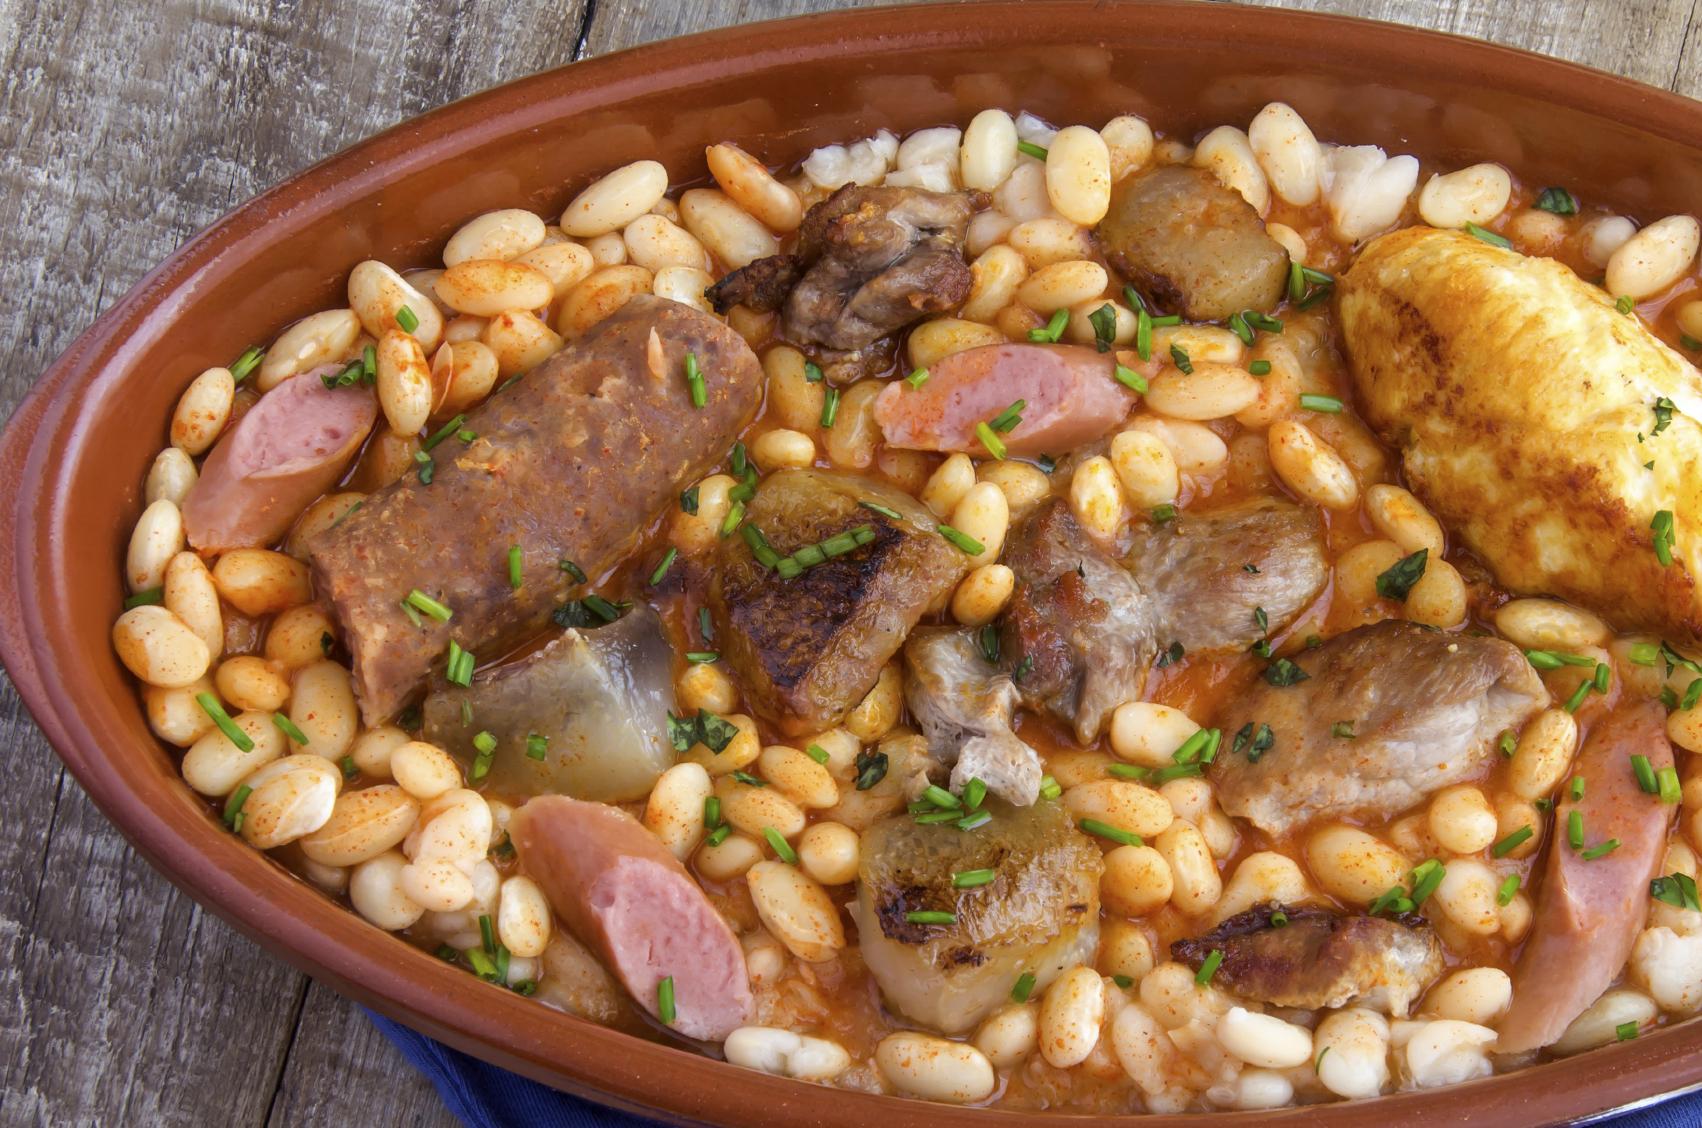 Pork and beans cassoulet Riċetta Cassoulet tal-majjal u fażola